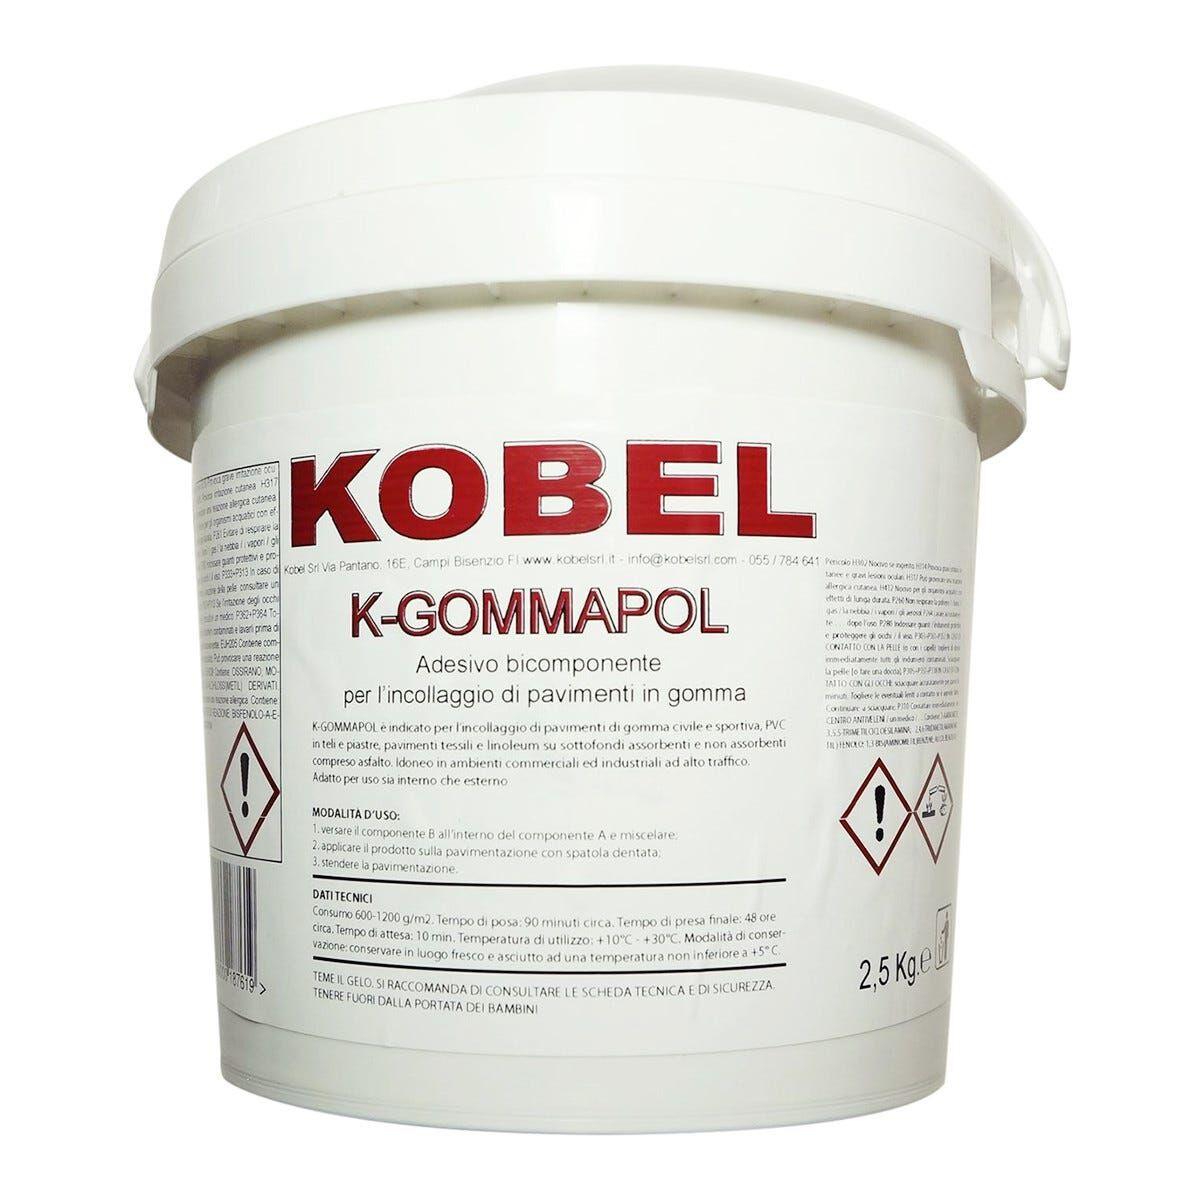 Collante Bicomponente K-Gommapol Kobel Kg 2,5 Gomma Pavimenti Tessili Erba Sintetica